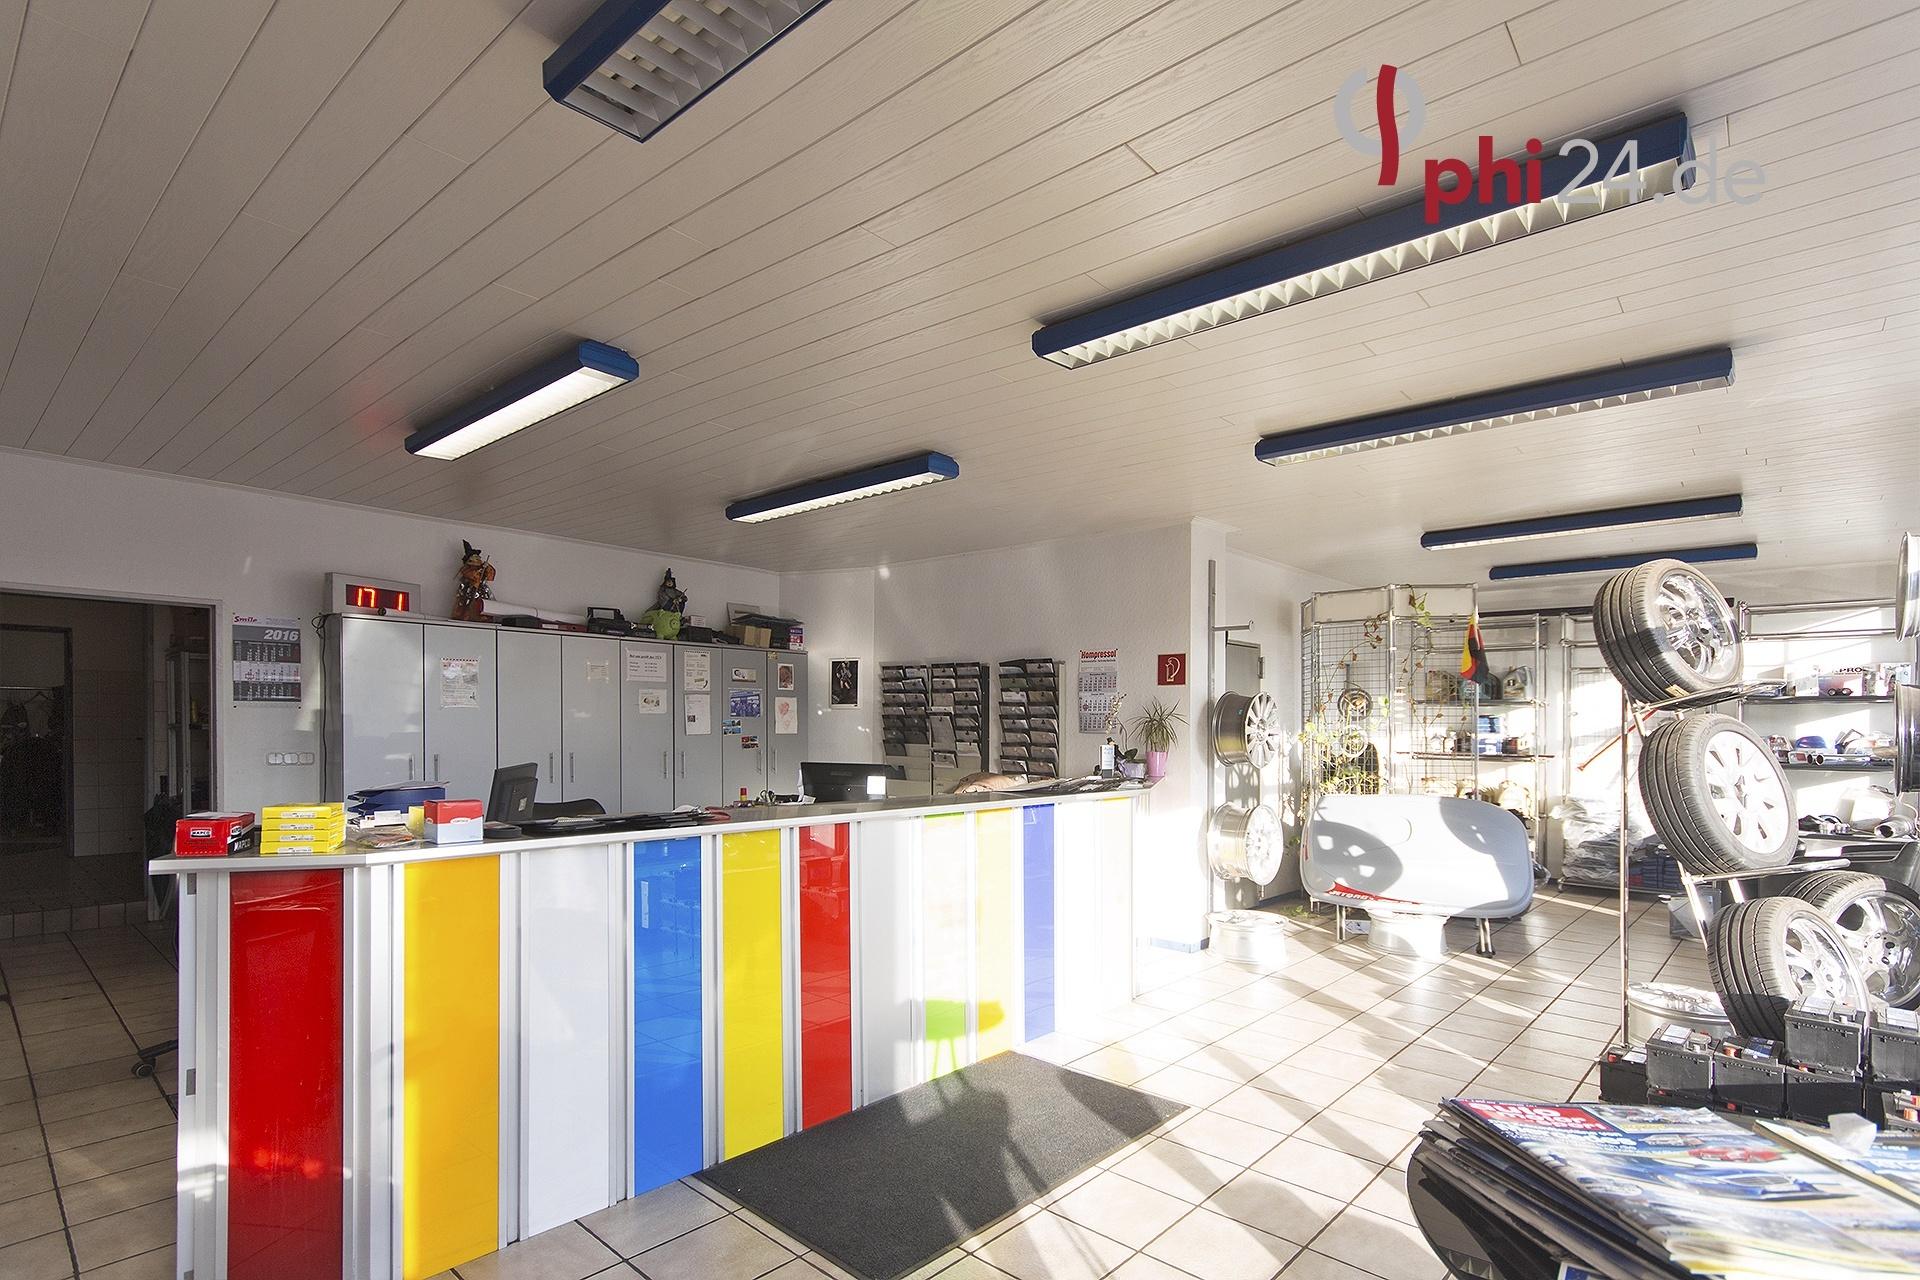 Immobilienmakler Alsdorf Werkstatt referenzen mit Immobilienbewertung